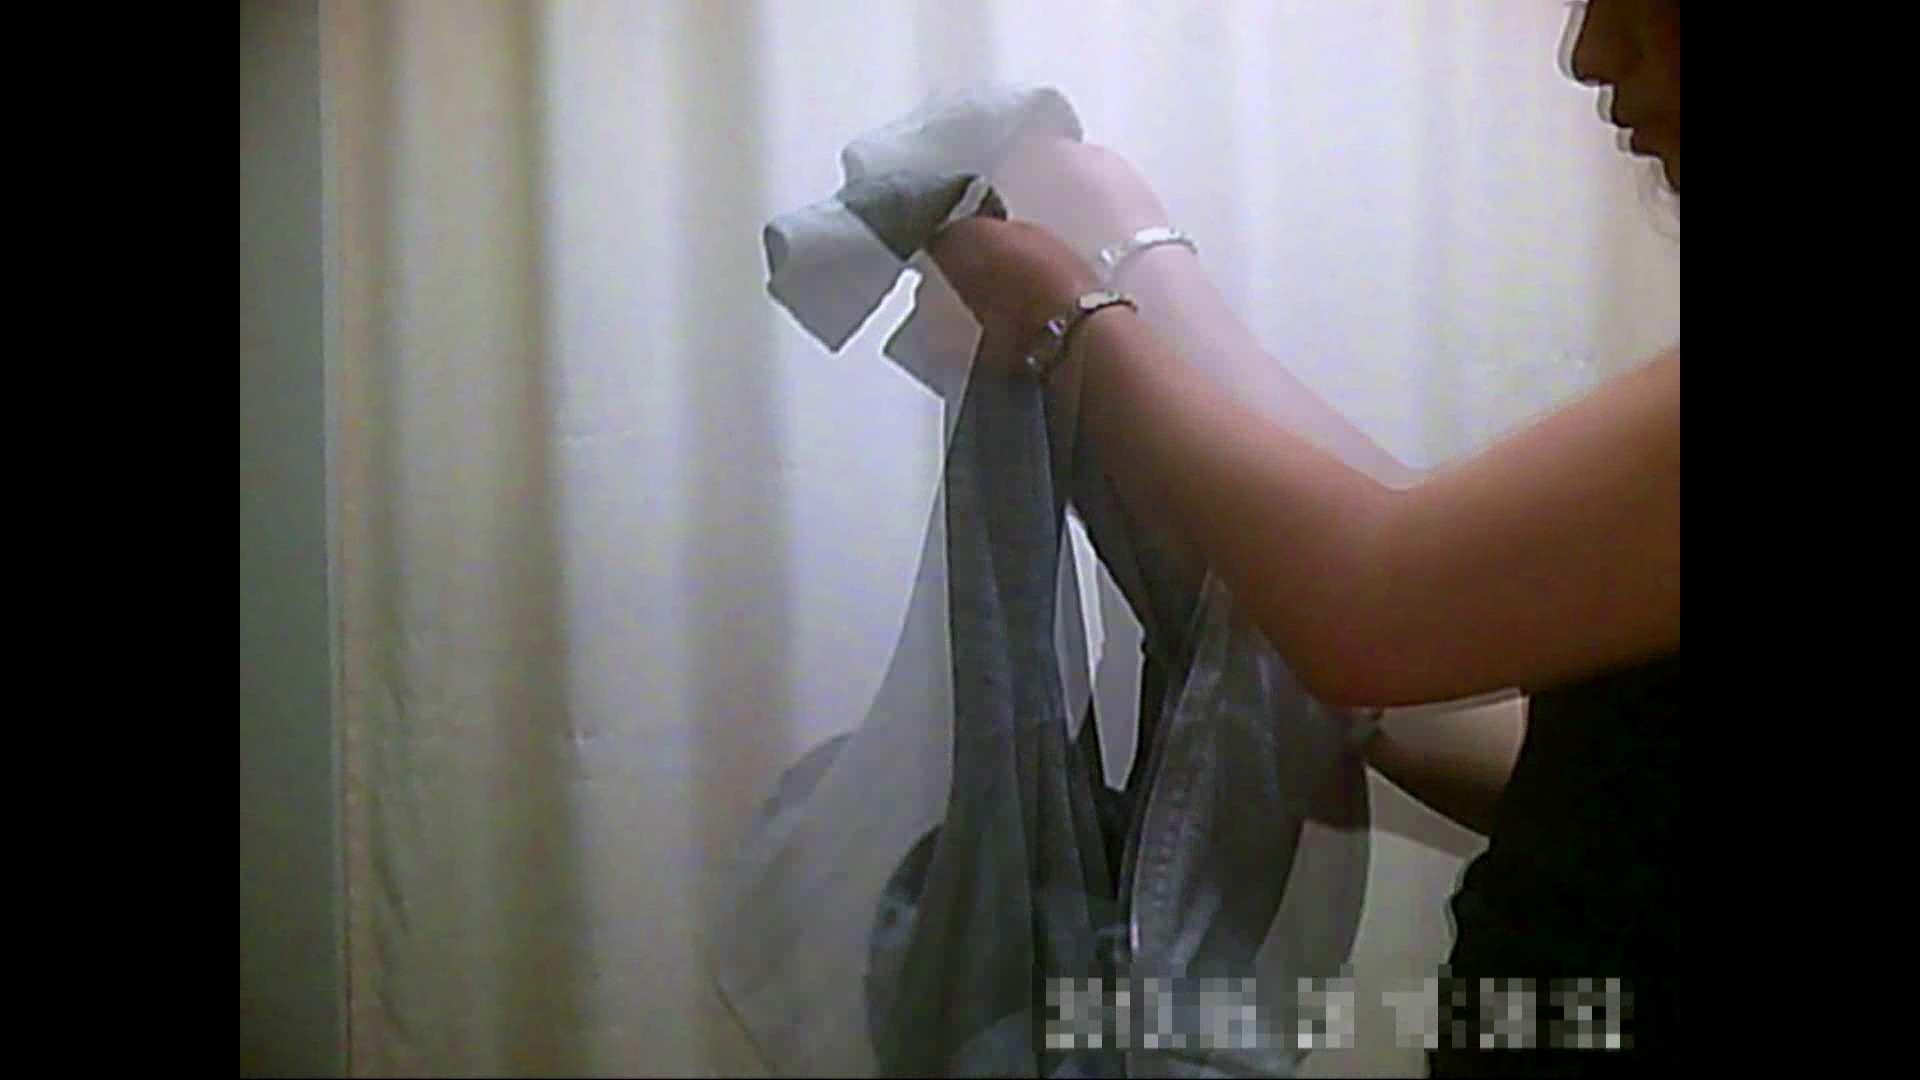 元医者による反抗 更衣室地獄絵巻 vol.043 OLハメ撮り  48Pix 22